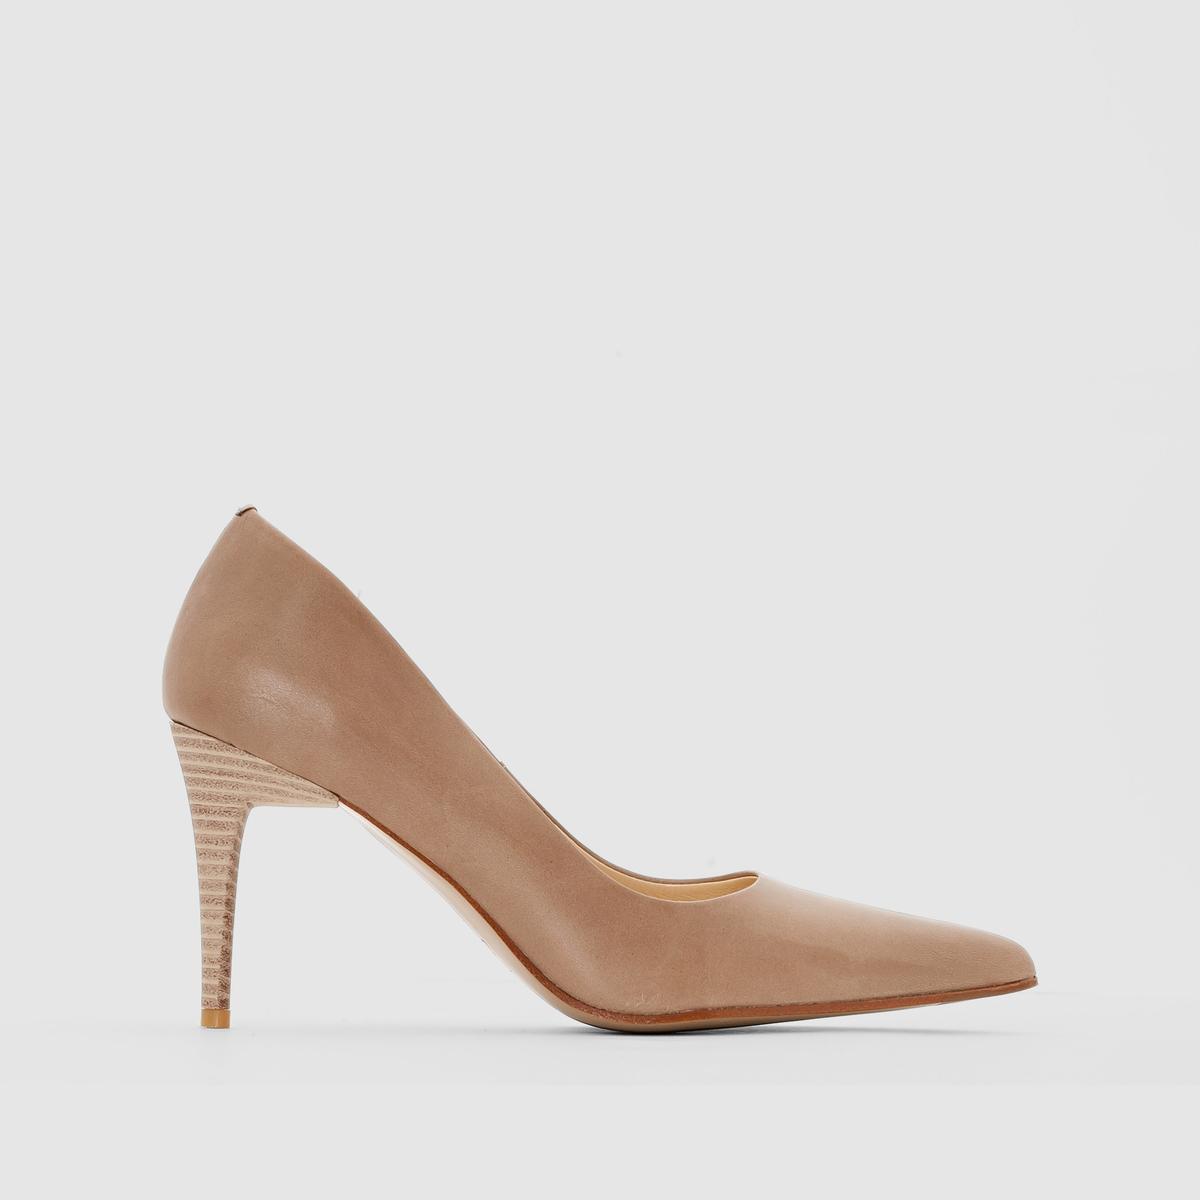 Туфли кожаные на высоком каблуке, ELIZABETH STUART, LestonТуфли кожаные Leston от ELIZABETH STUART.Верх: кожа под телячью (яловичная).Подкладка:  кожа. Стелька: кожа.Подошва: кожа. Высота каблука: 8,5 см.Застежка: без застежки. Преимущества: сдержанность и качество характеризуют эти туфли от ELIZABETH STUART, которые предлагают модный в этом сезоне дизайн.<br><br>Цвет: бежевый<br>Размер: 41